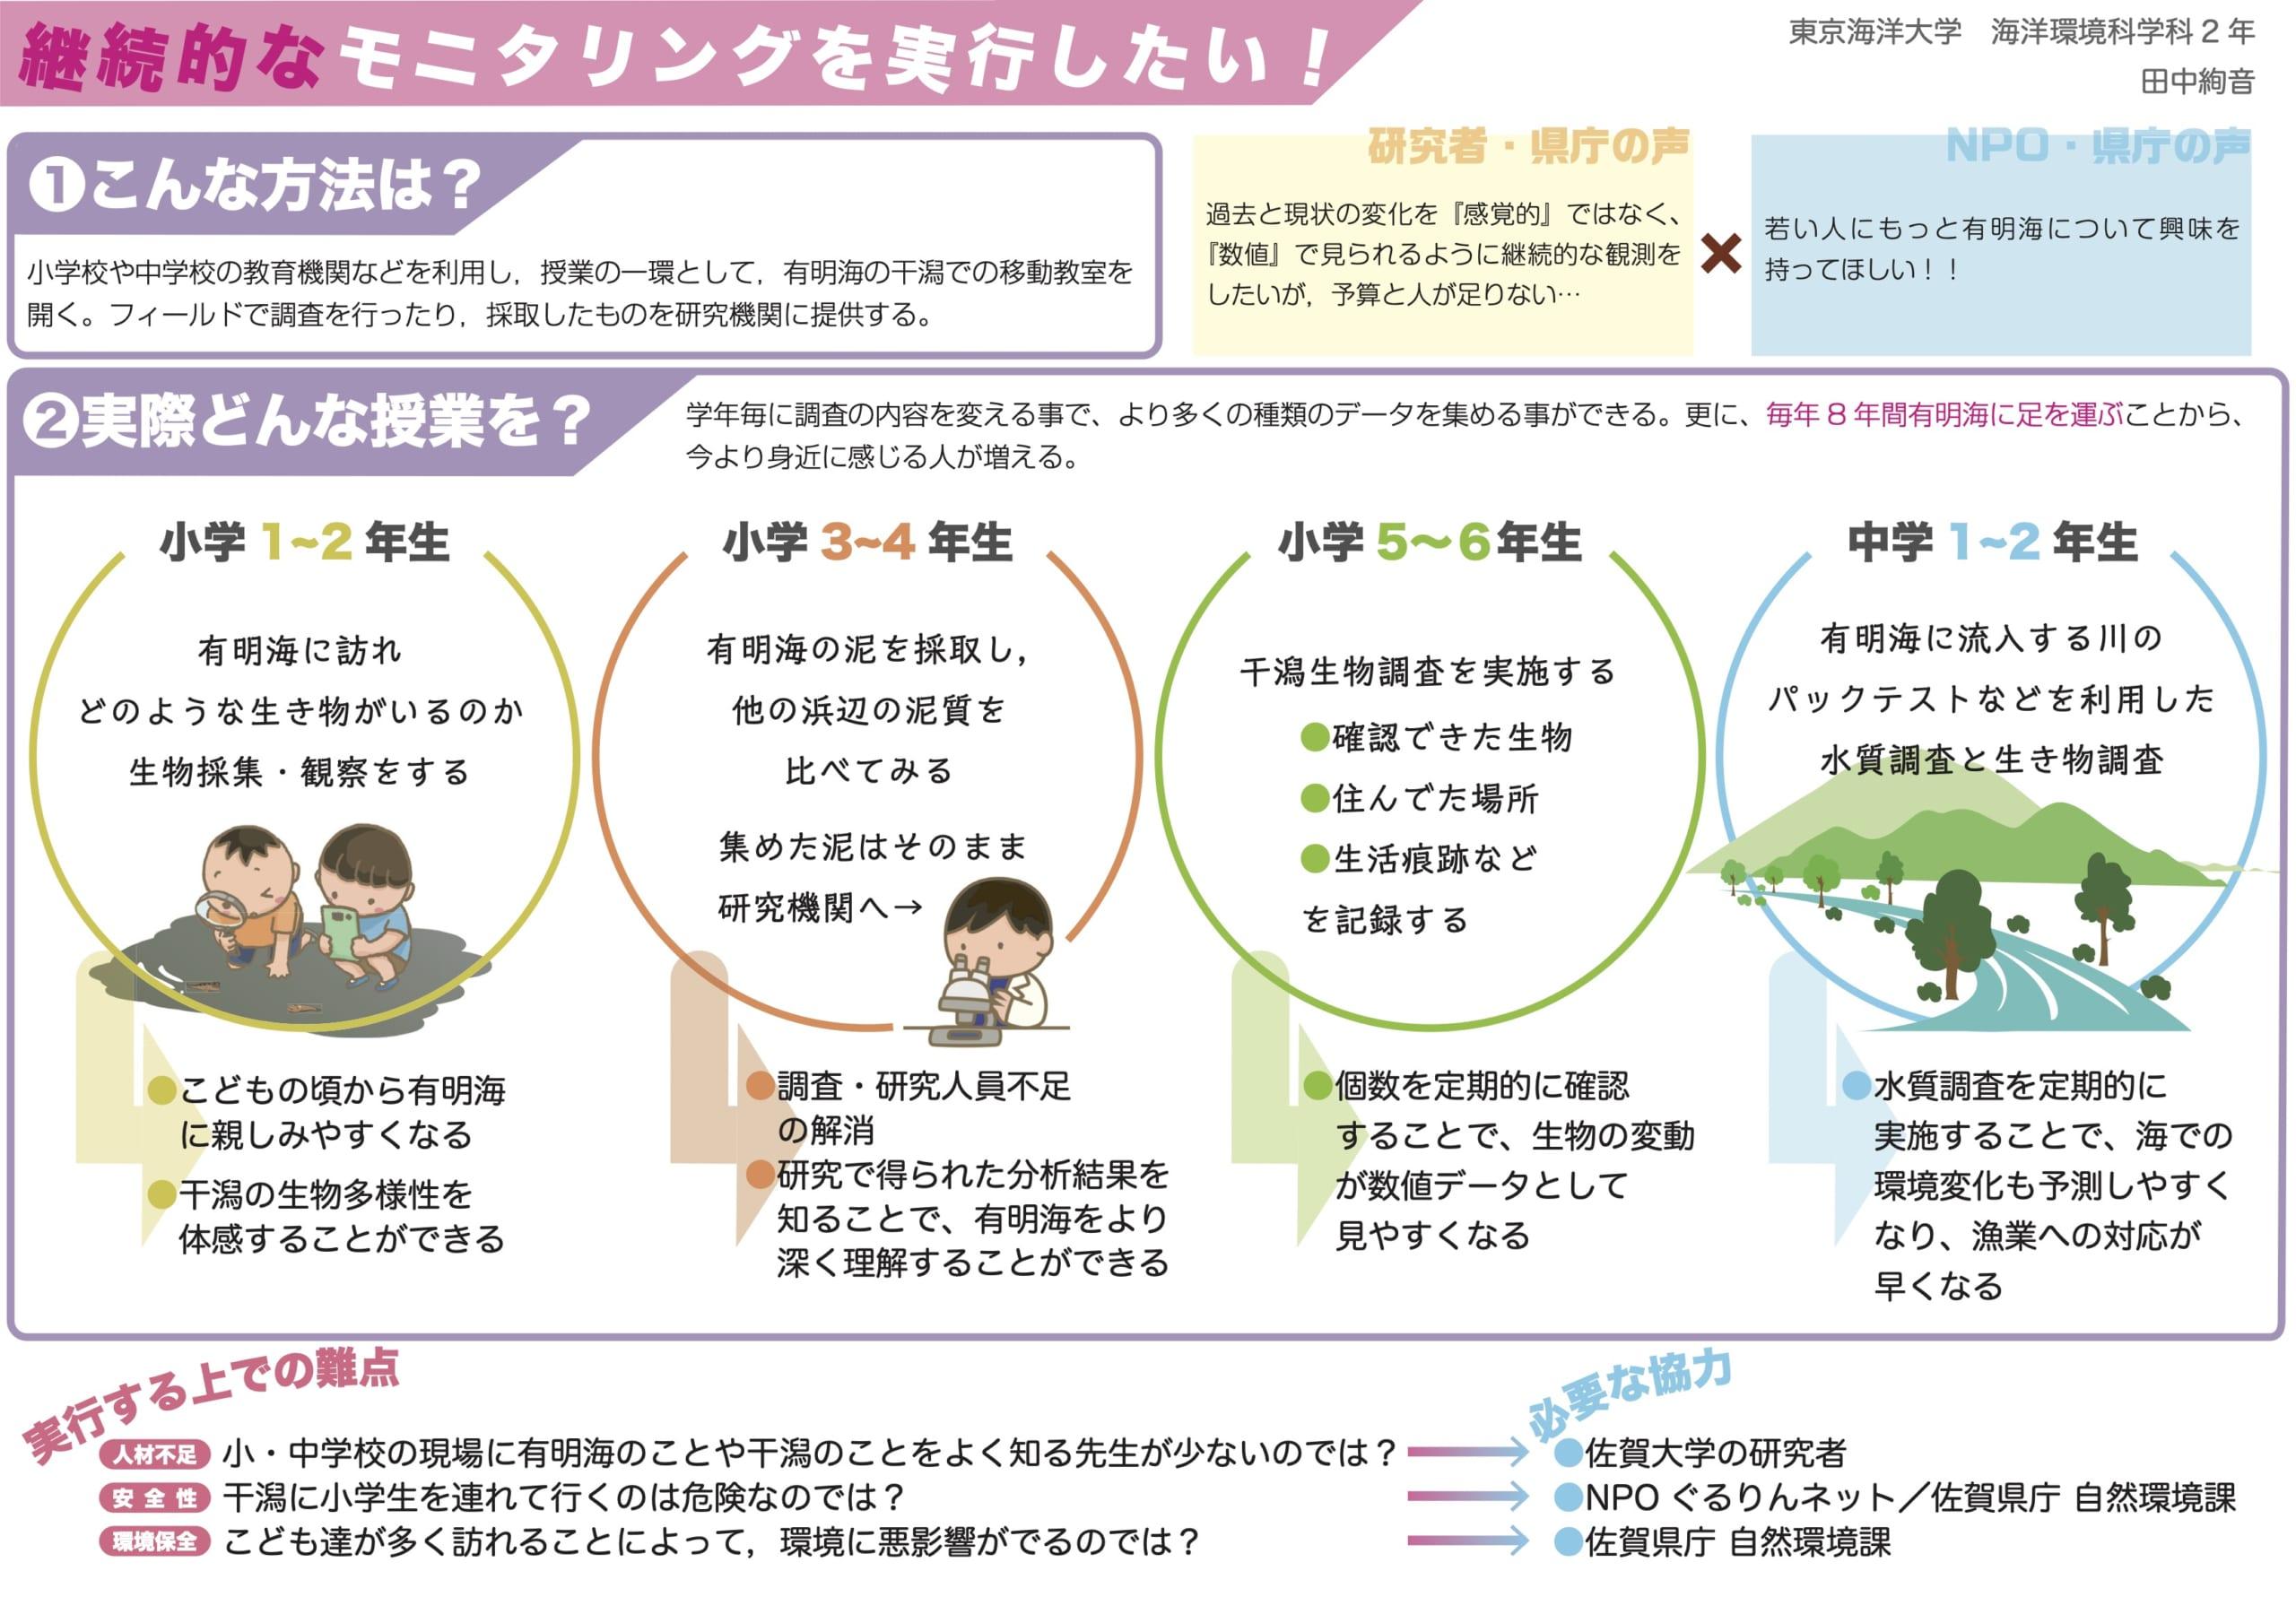 個人ポスター 田中絢音最終版